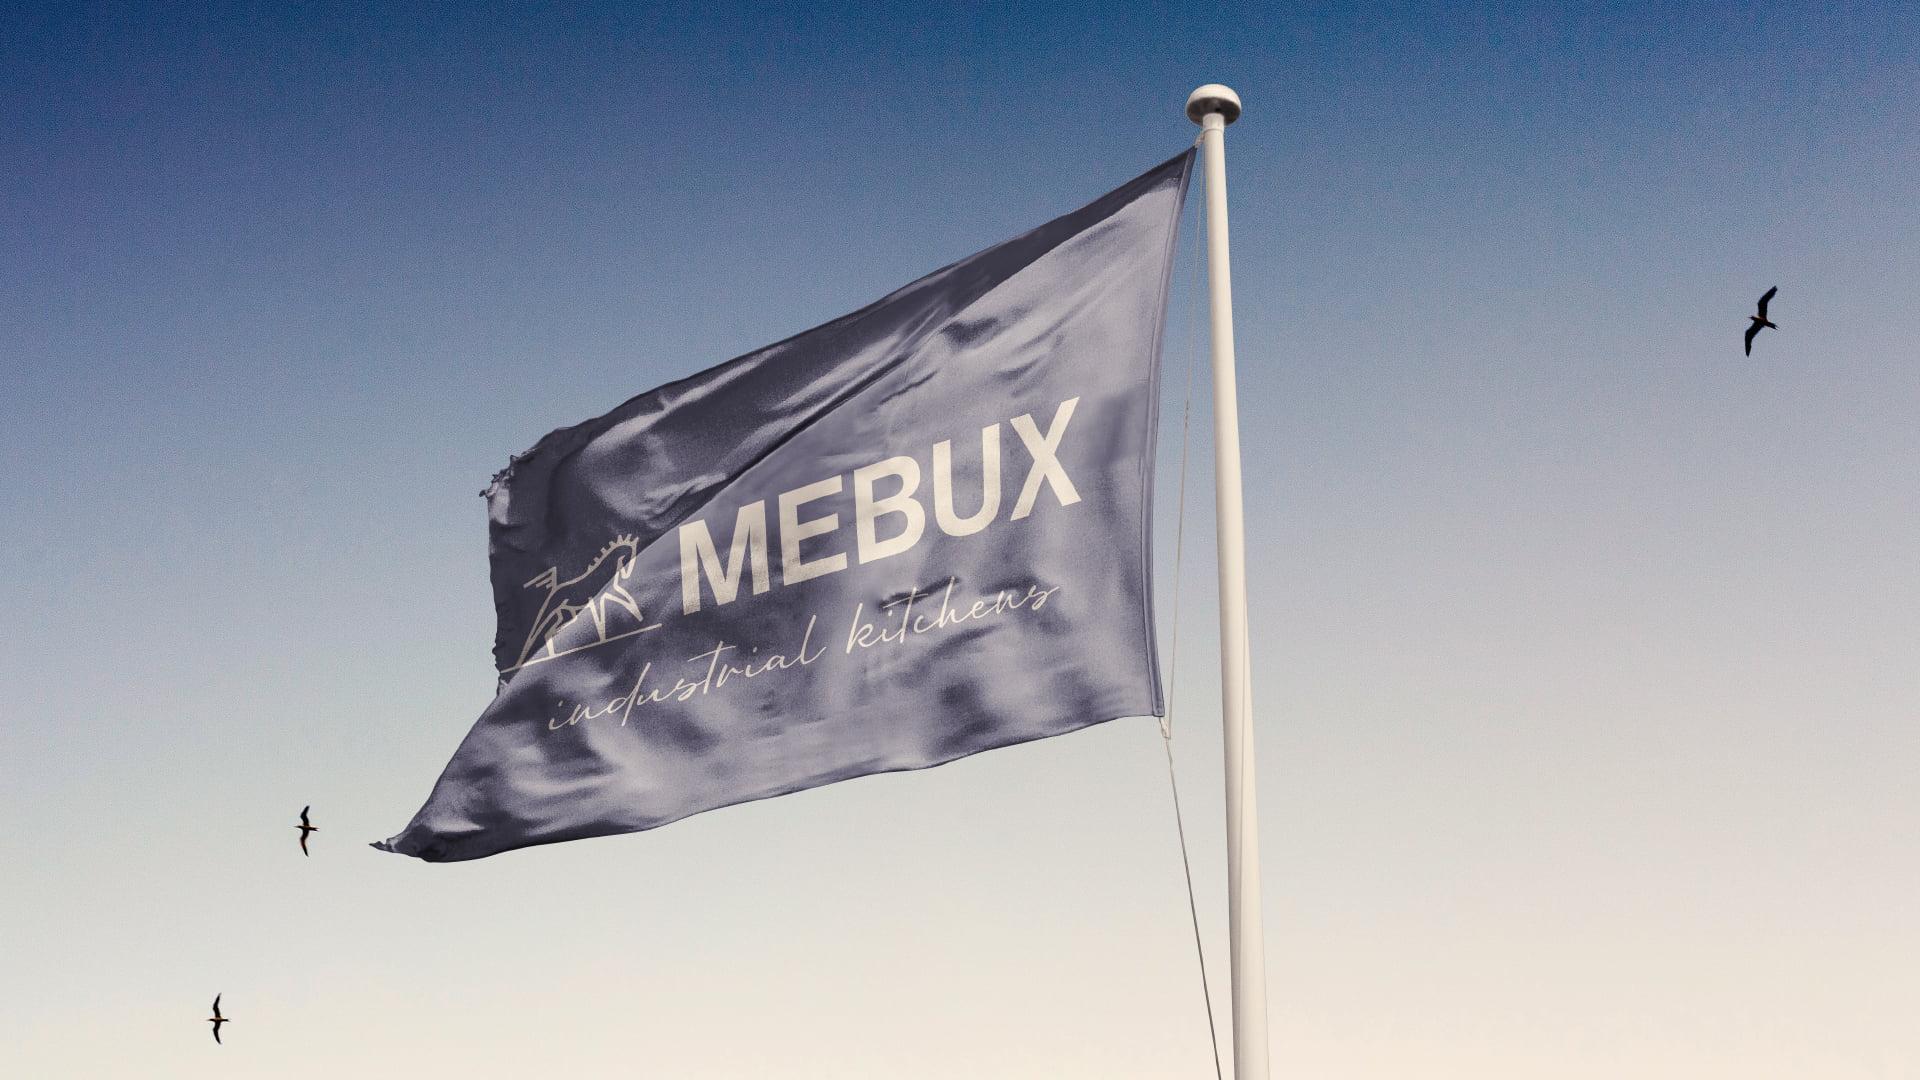 MEBUX